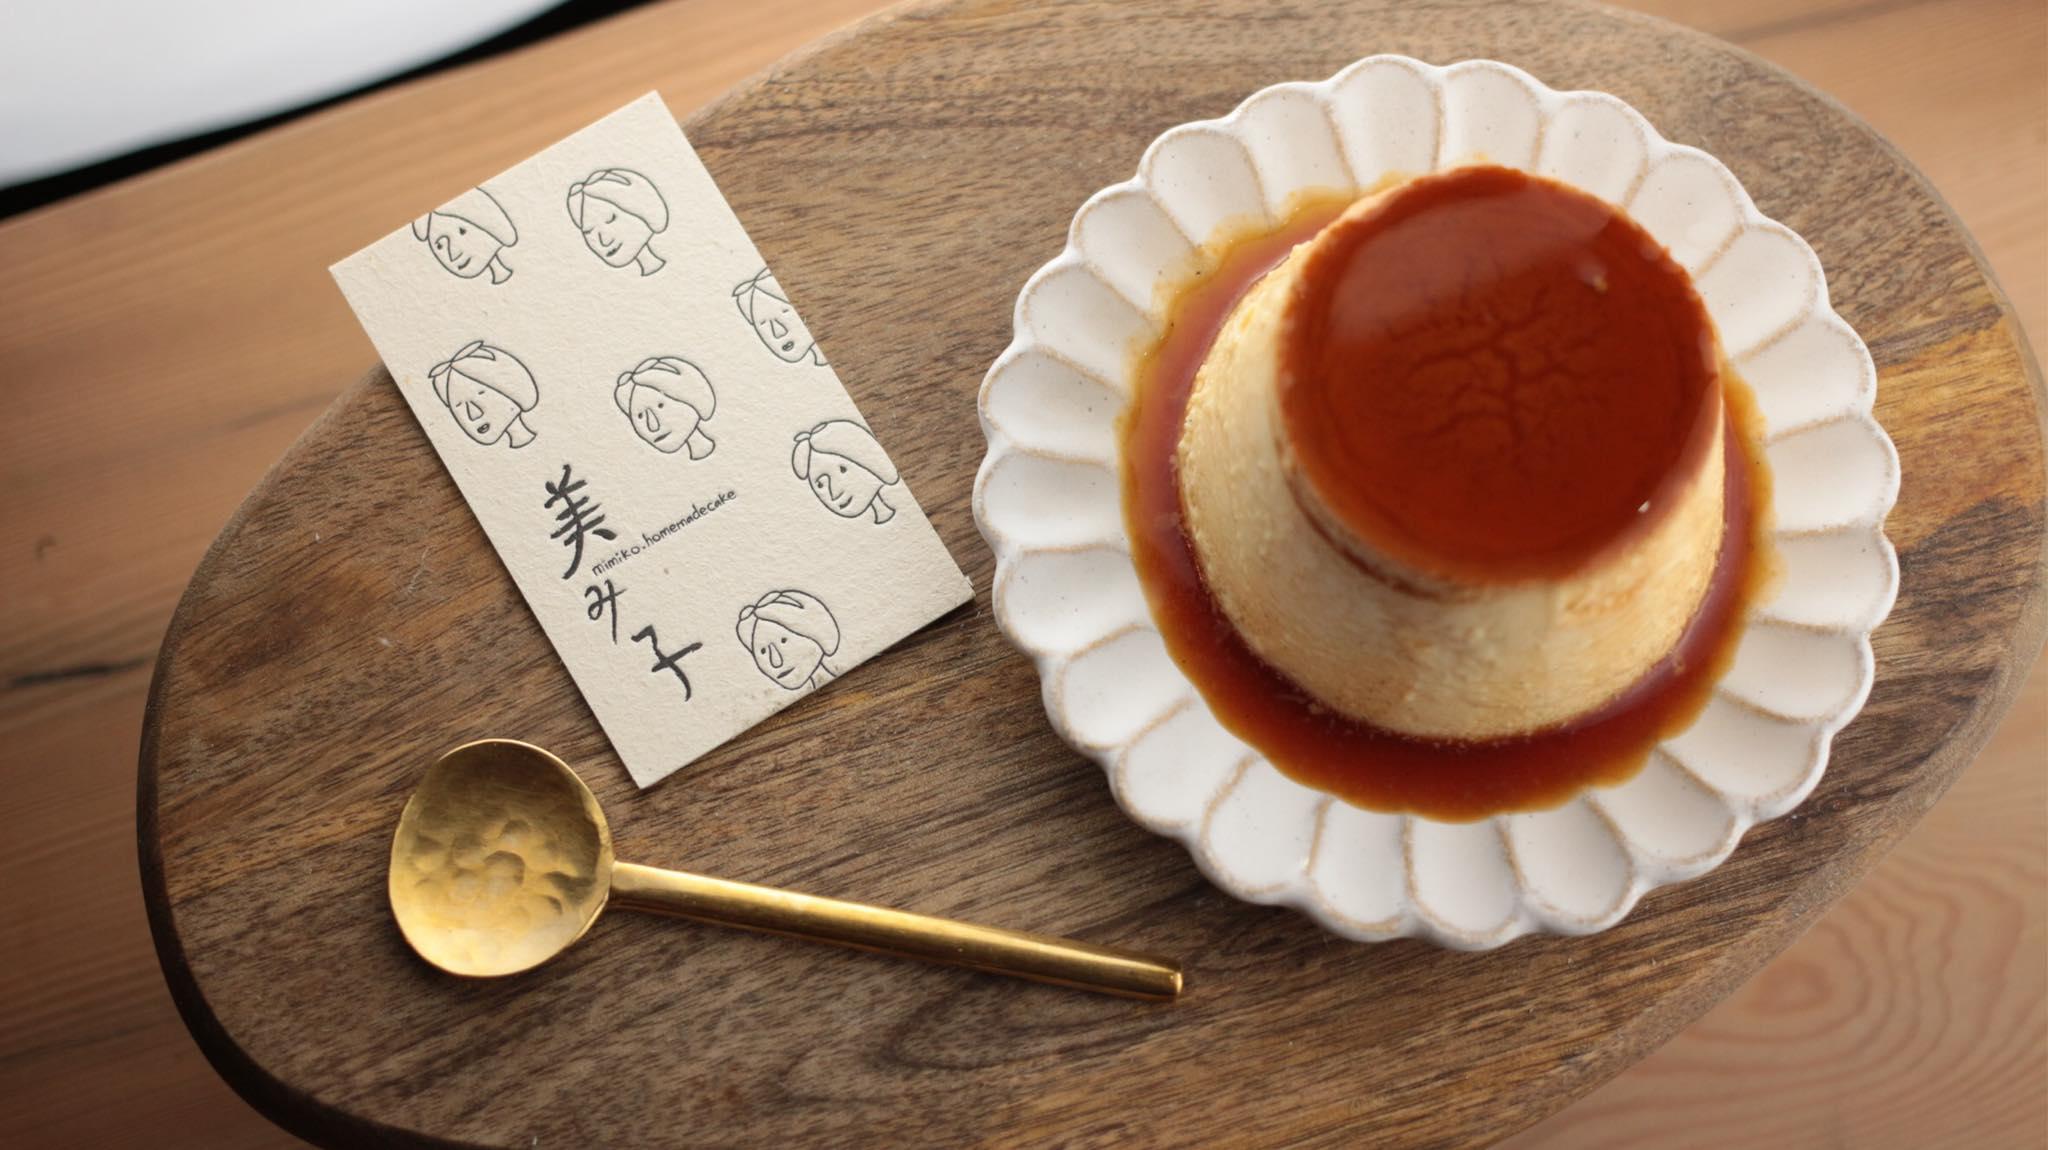 手煮焦糖乳酪布丁,看了口水直流!(圖片取自美美子みみこ homemade cake官方FB粉絲團)